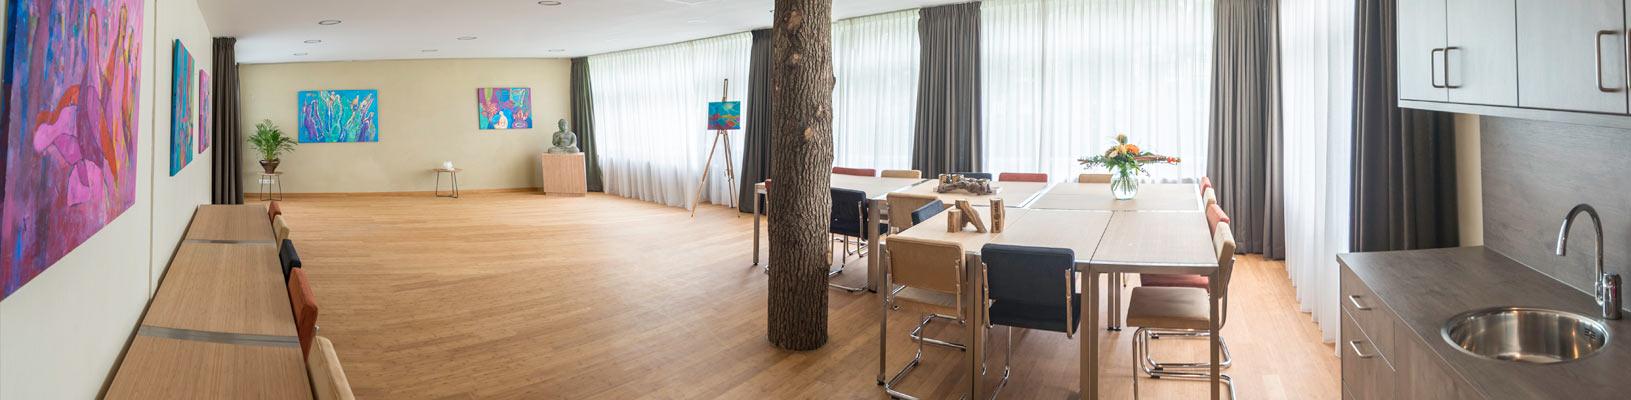 Pilates HeelHuus Gezondheidscentrum Warnsveld Zutphen